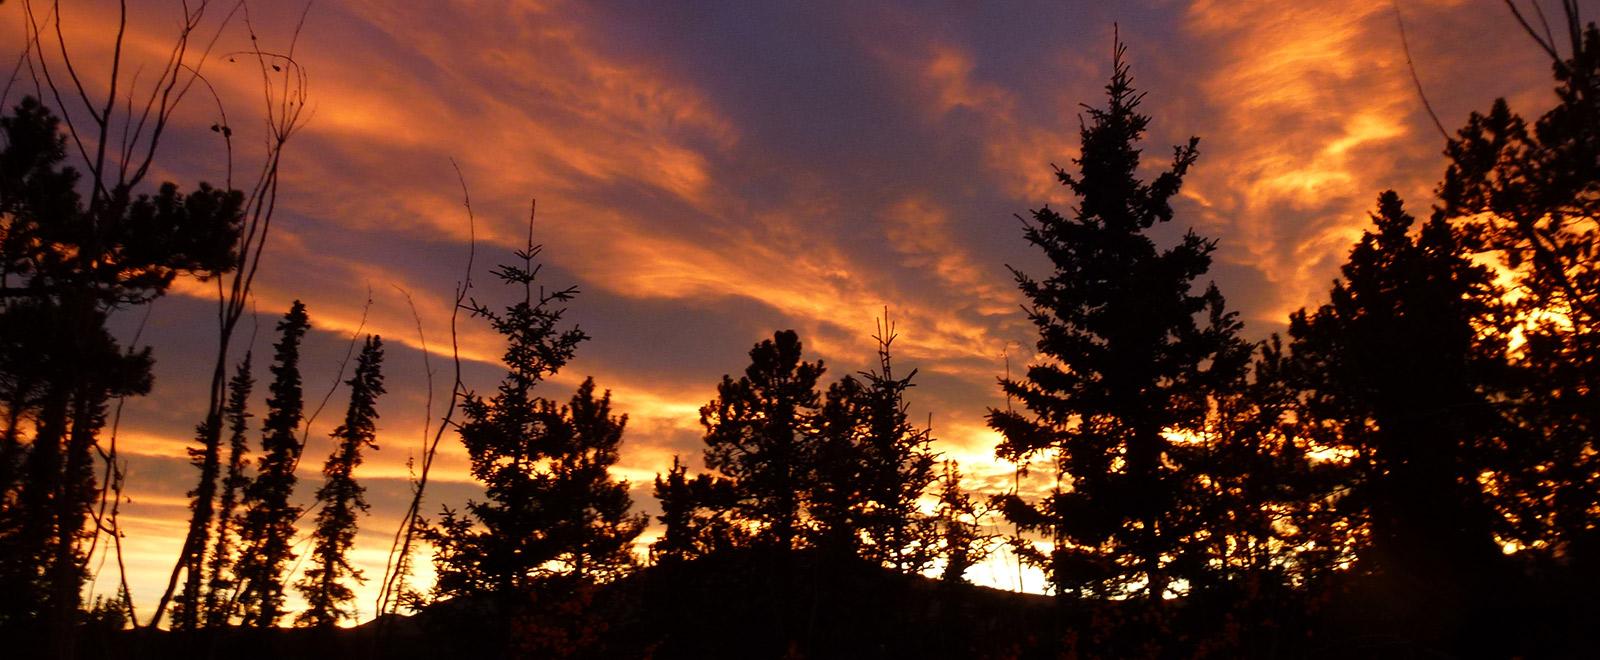 scenic yukon sunset